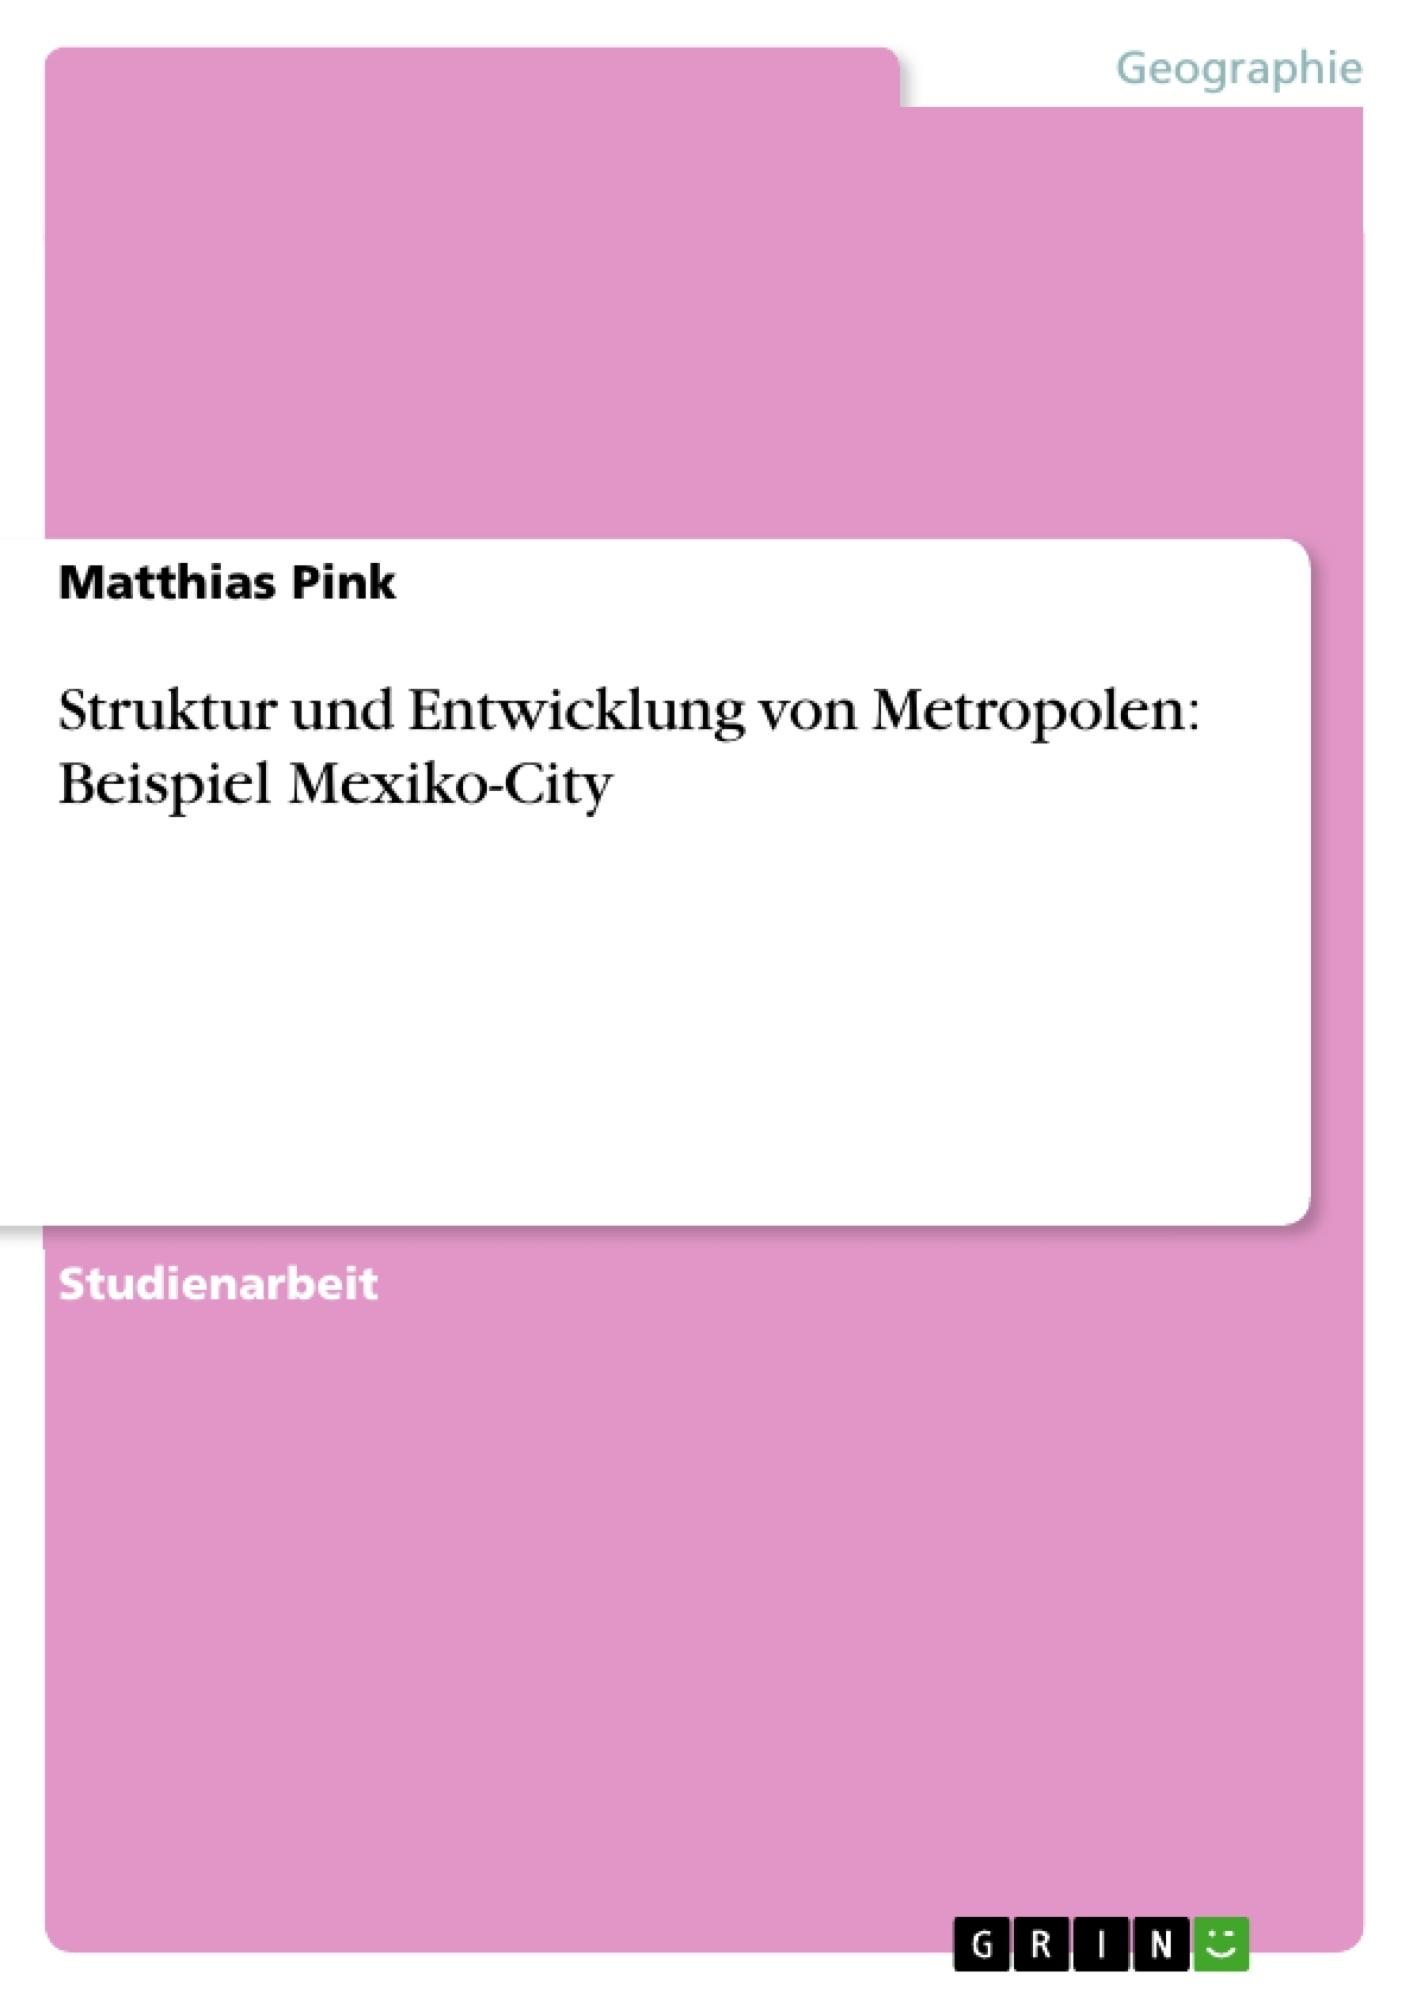 Titel: Struktur und Entwicklung von Metropolen: Beispiel Mexiko-City